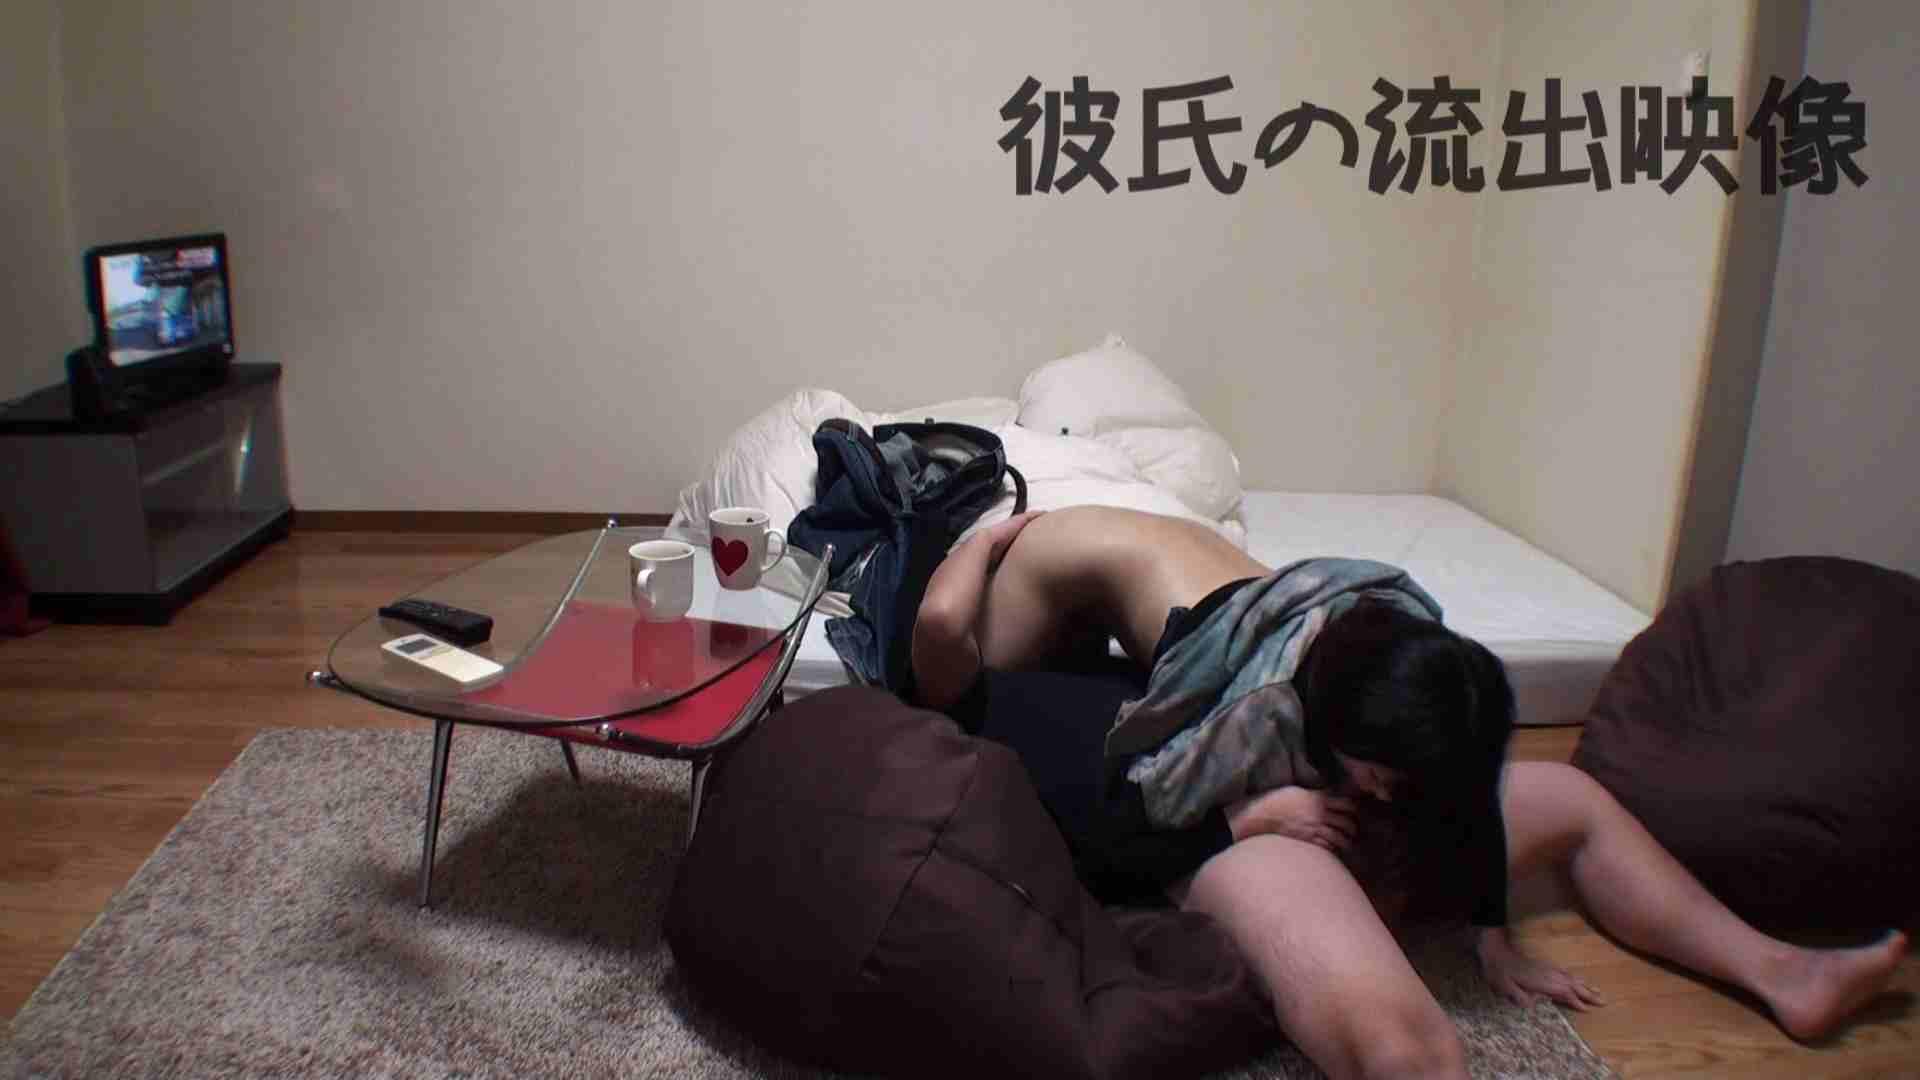 彼氏が流出 パイパン素人嬢のハメ撮り映像02 フェラ セックス画像 90連発 62